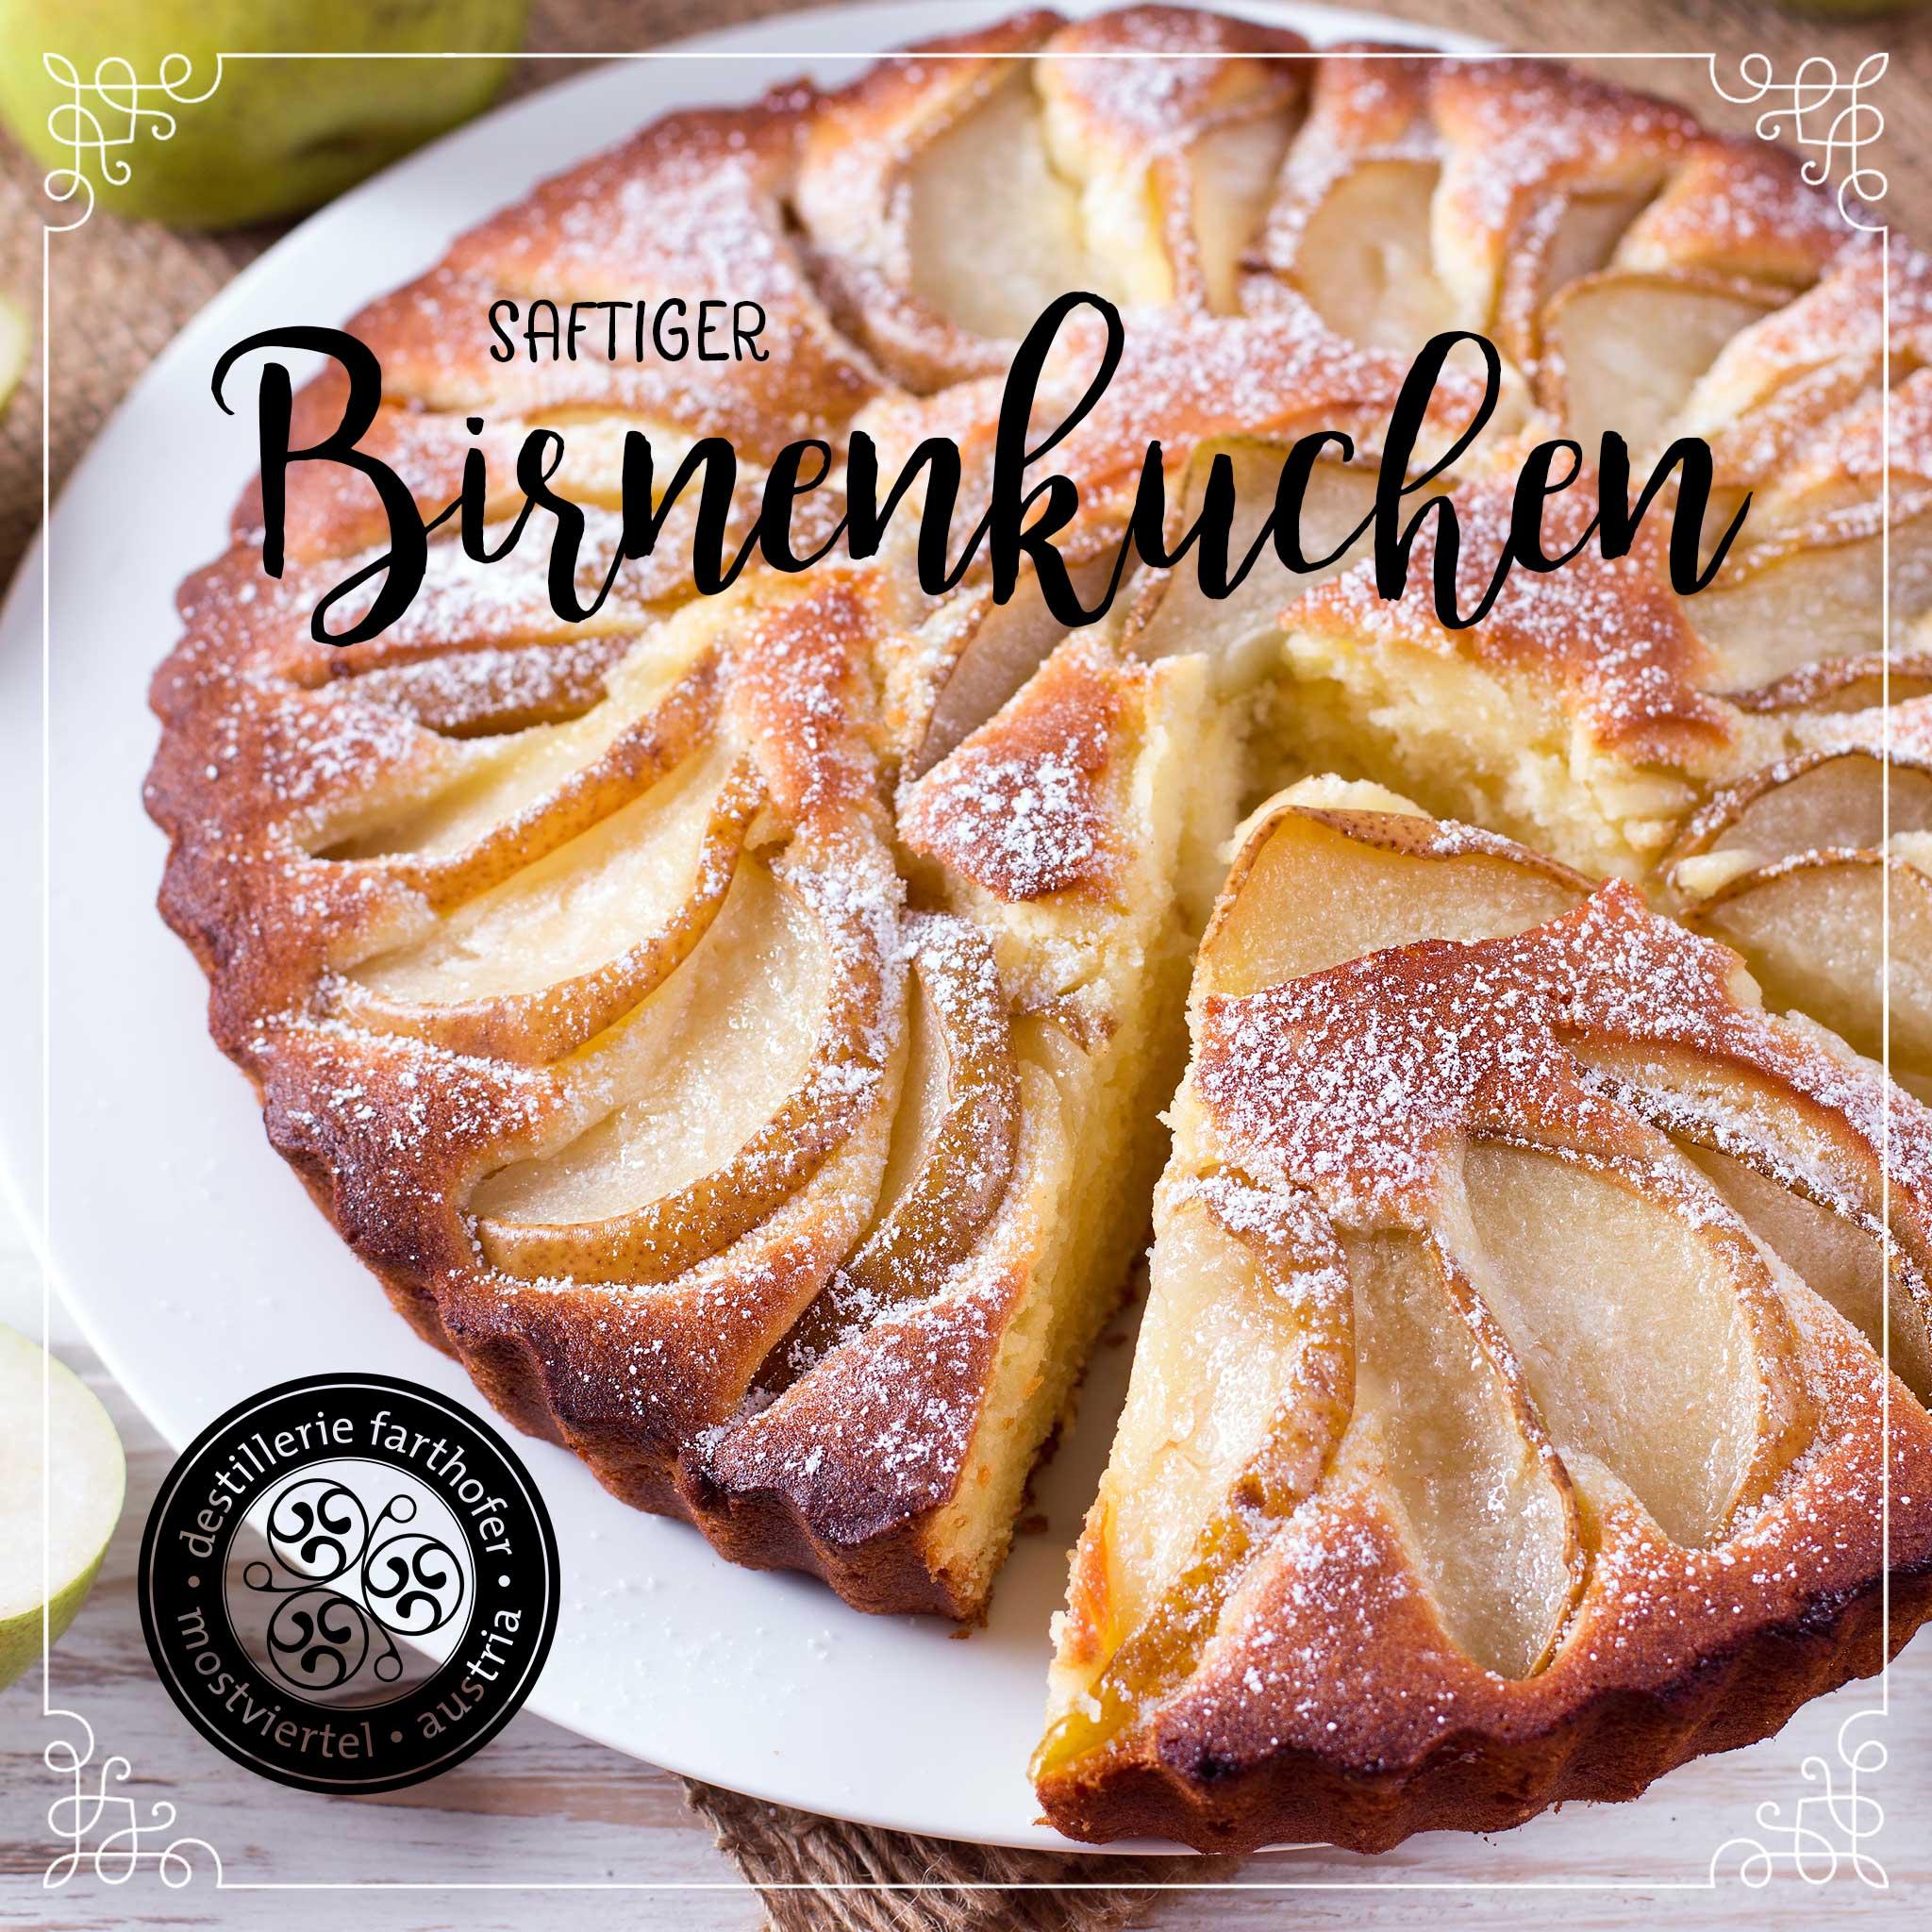 Saftiger Birnenkuchen - Destillerie Farthofer